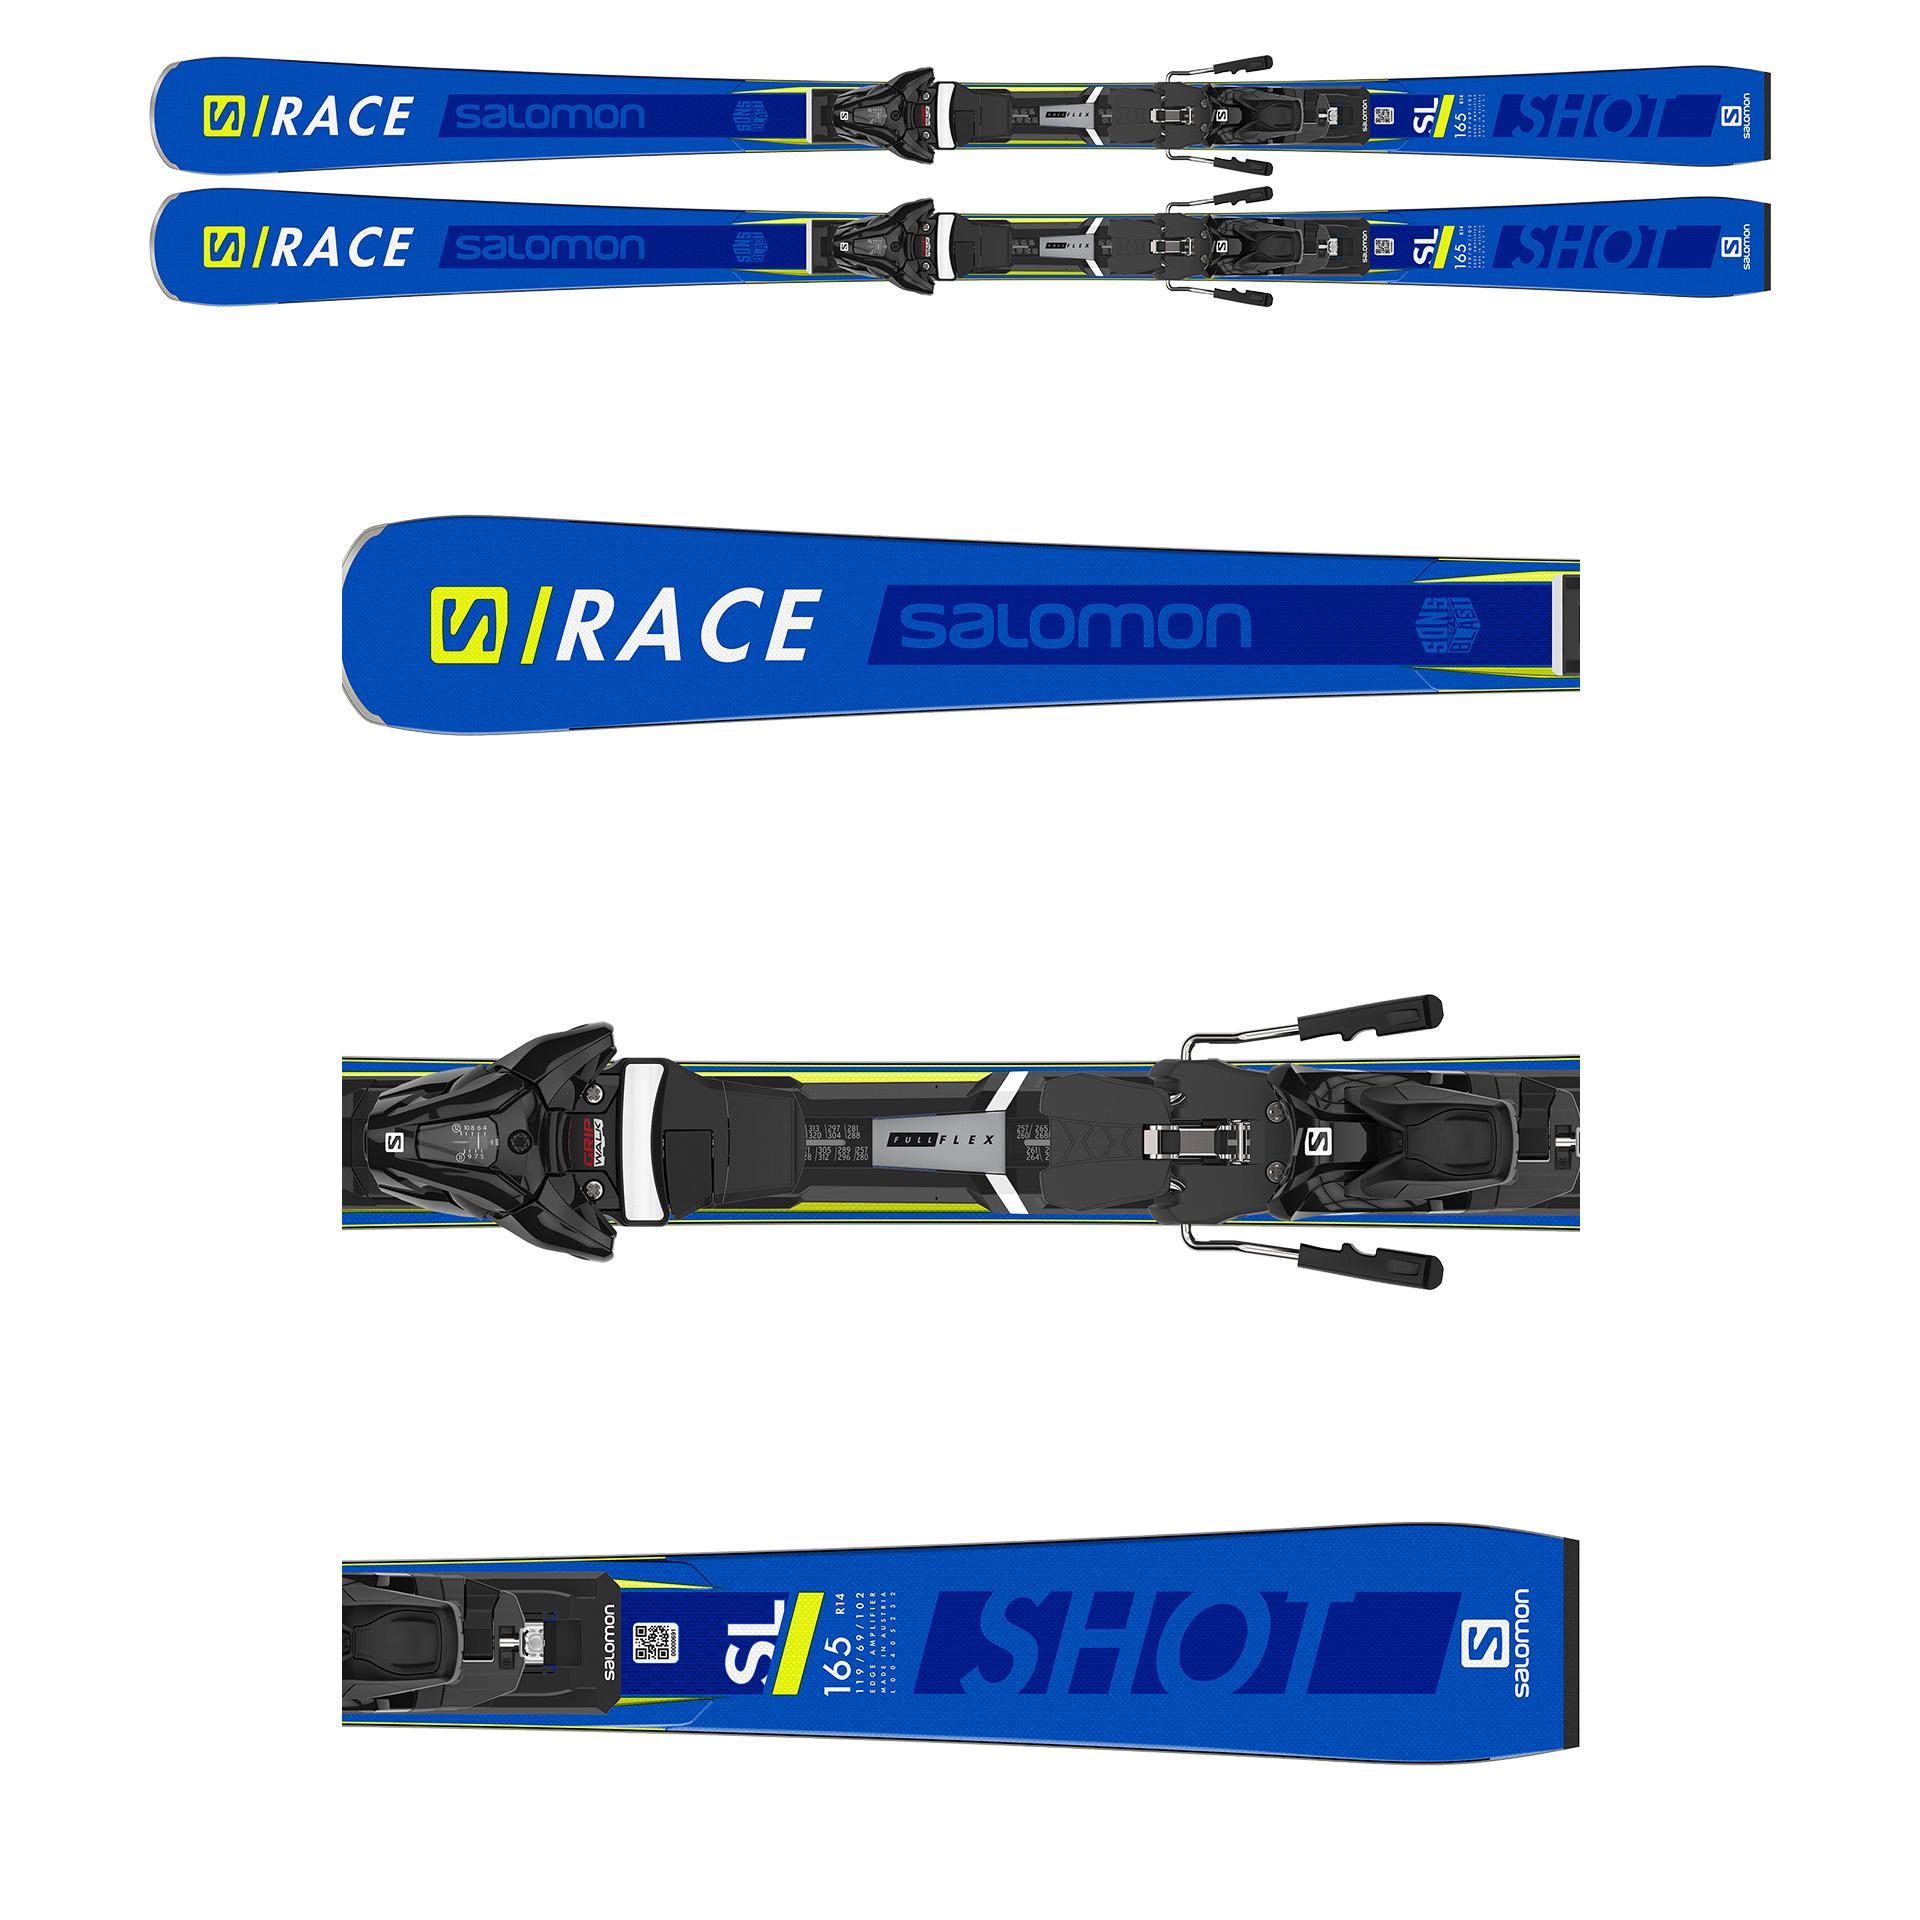 NARTY SALOMON S/RACE SHOT SL 2020 + WIĄZANIA Z12 GW F80